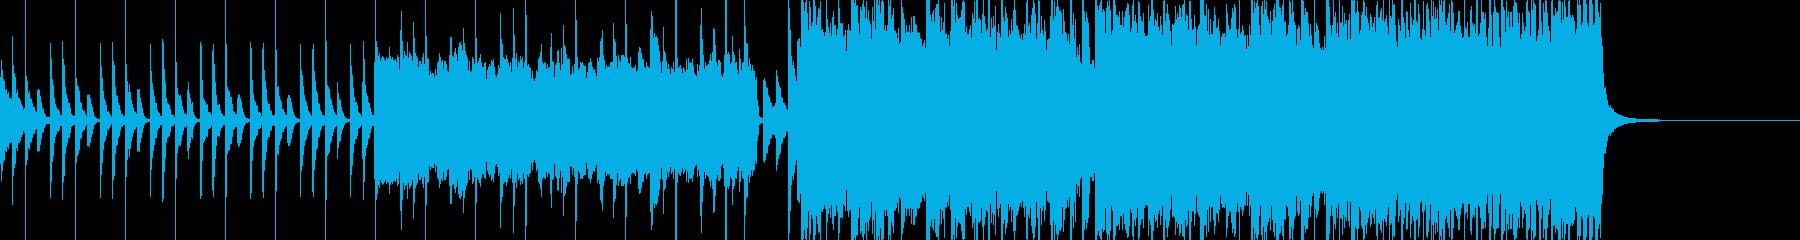 ロックなアイドル入場曲の再生済みの波形